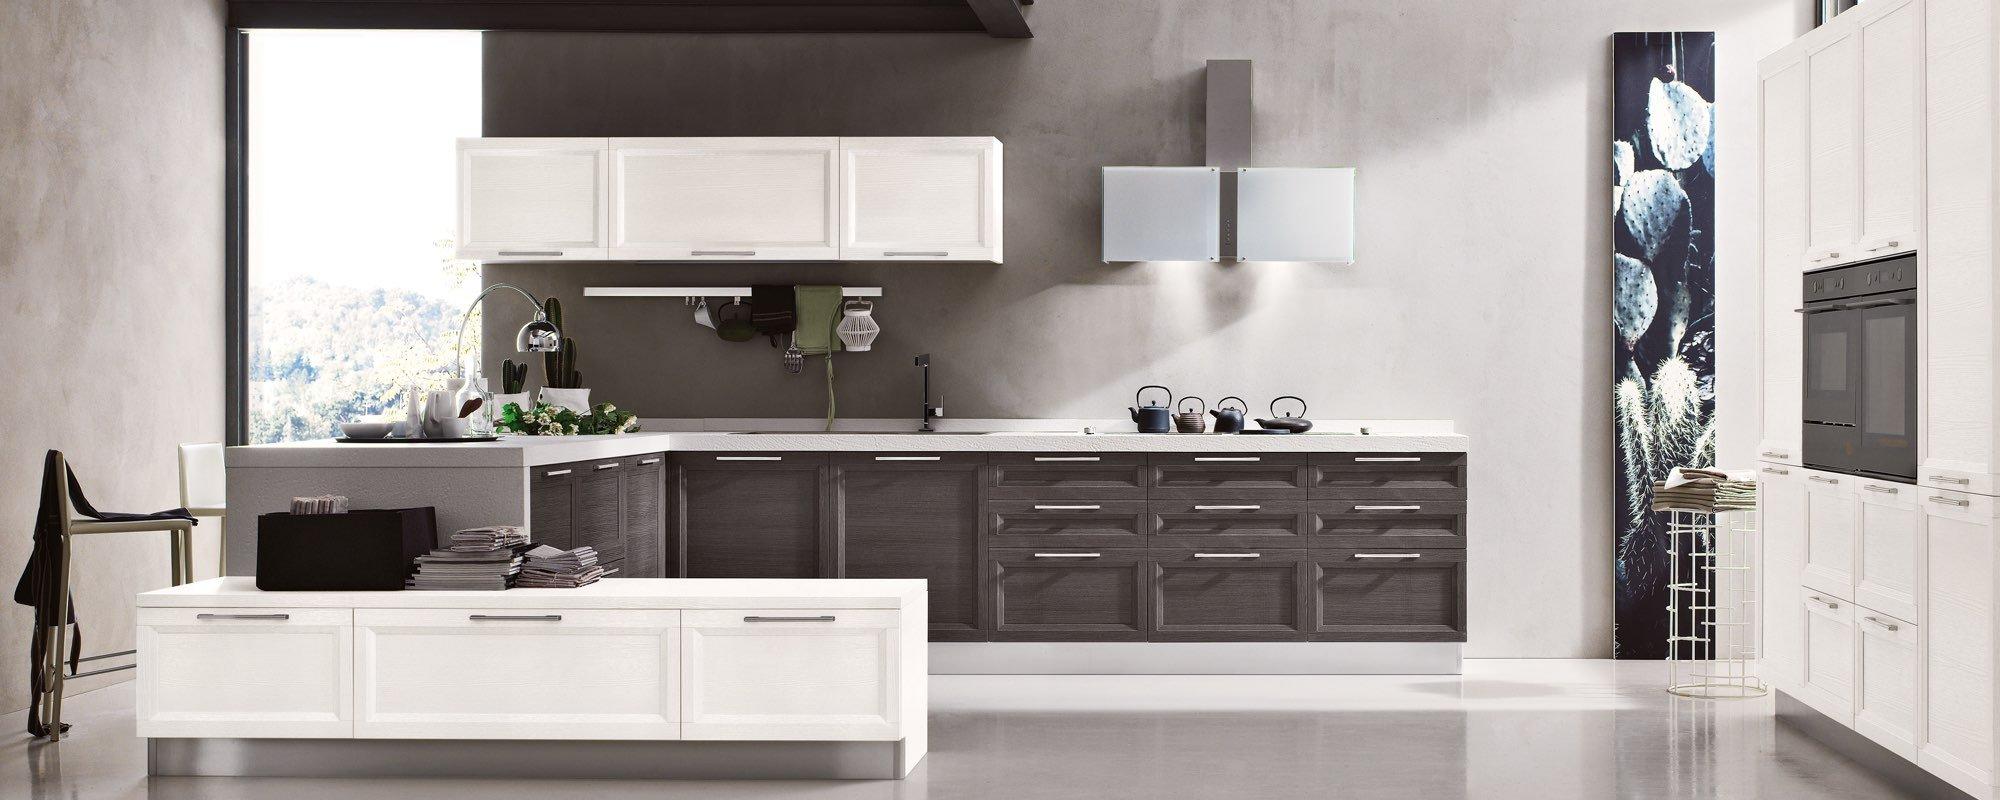 Modello di cucina con isola dal design contemporaneo -Malibu